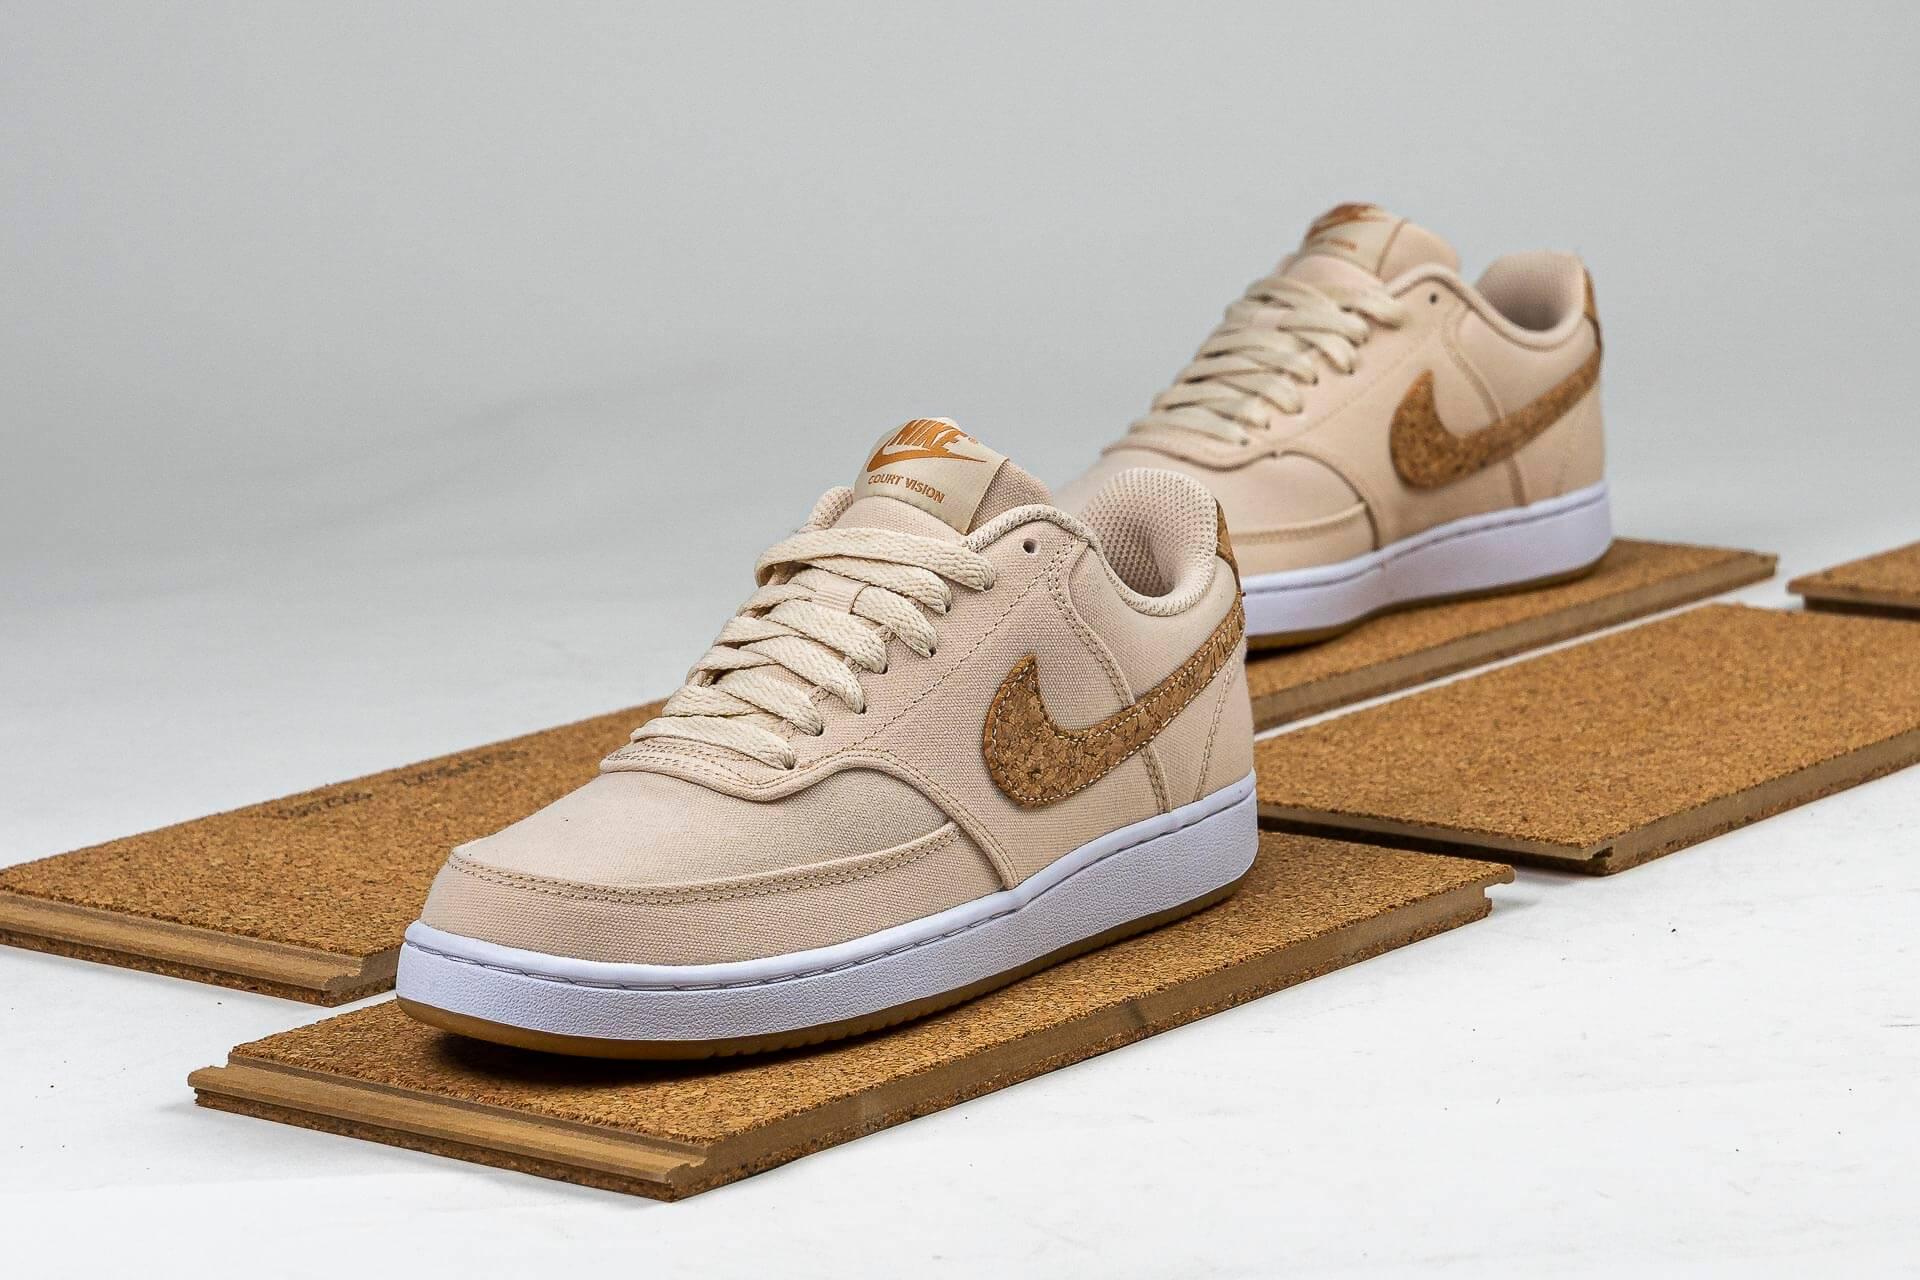 zeigt WMNS Court Vision Low Canvas von Nike